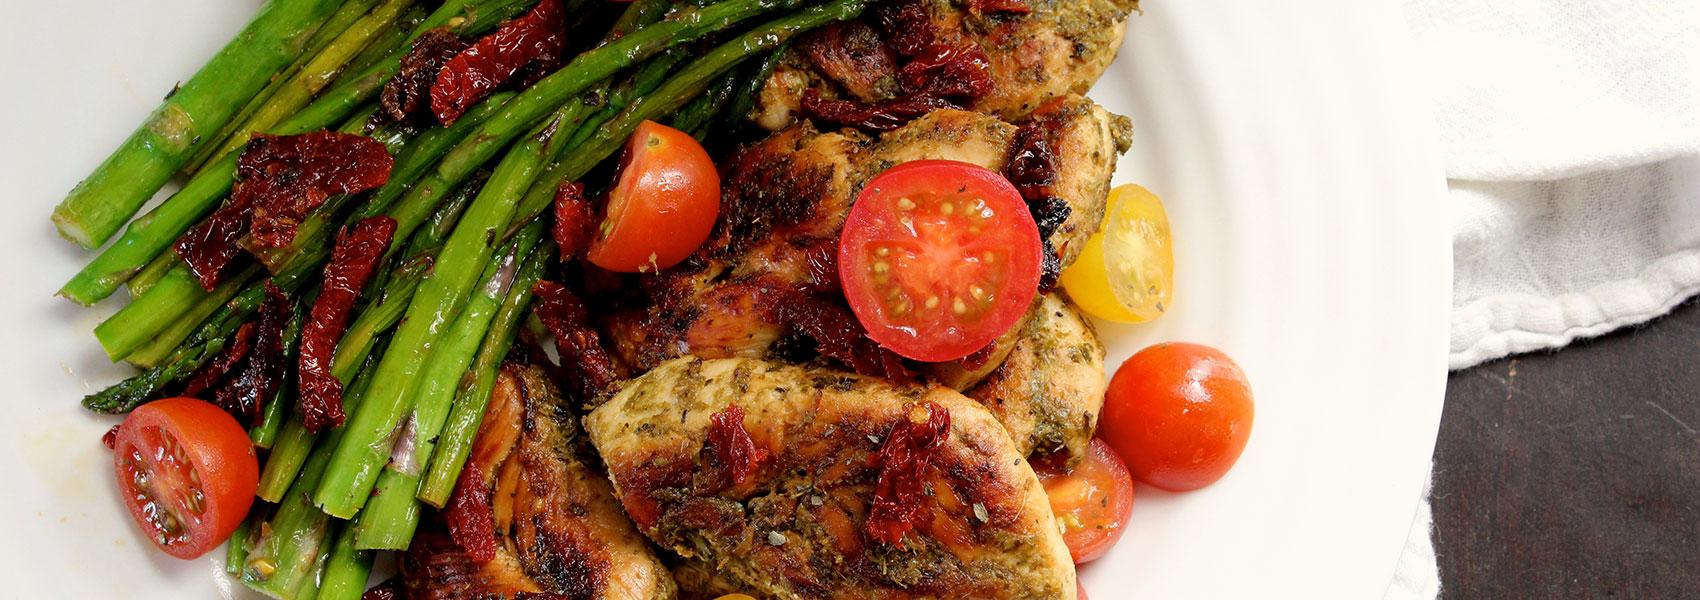 Pesto Chicken and Veggies